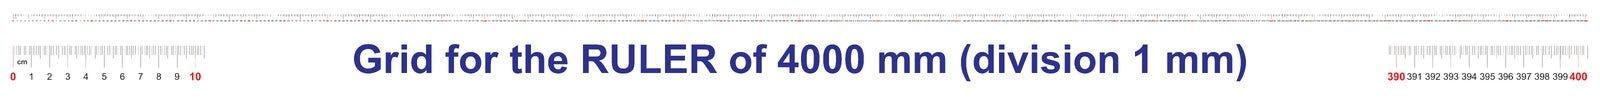 Grille pour une règle de 4000 millimètres, 400 centimètres, 4 mètres Grille de calibrage Division de valeur 1 millimètre